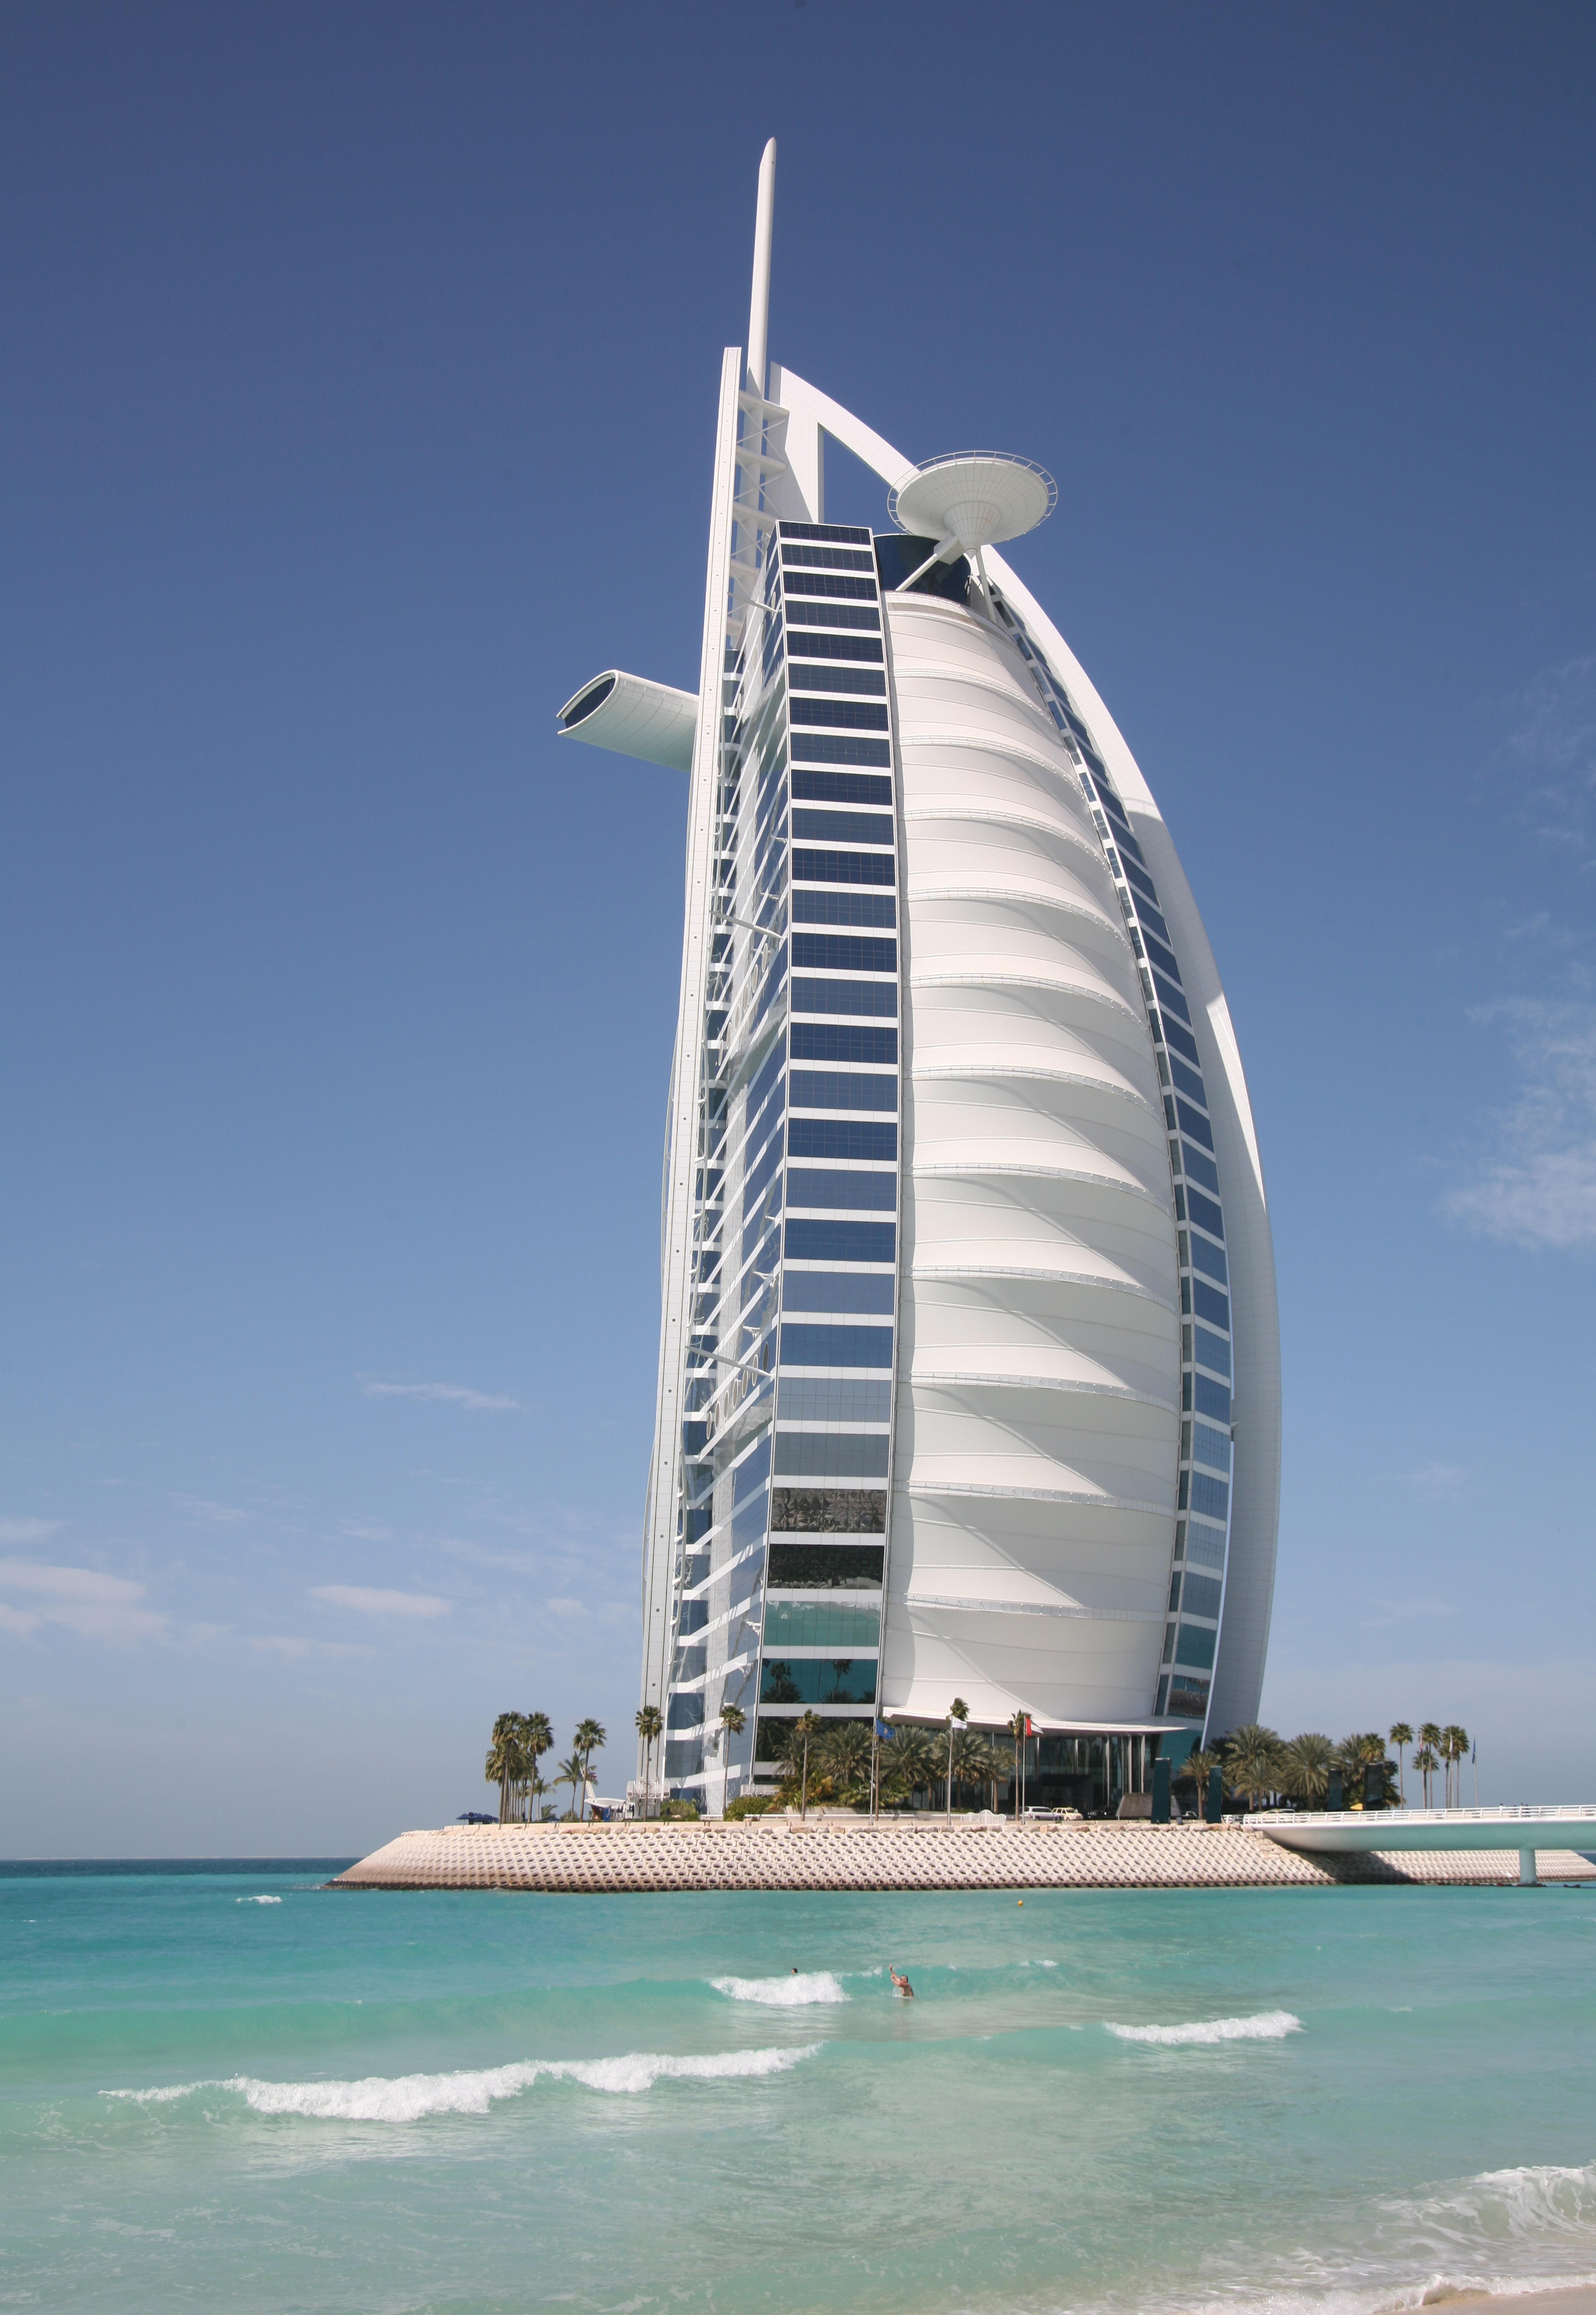 Free images sea dock architecture boat skyscraper for Sailboat hotel dubai